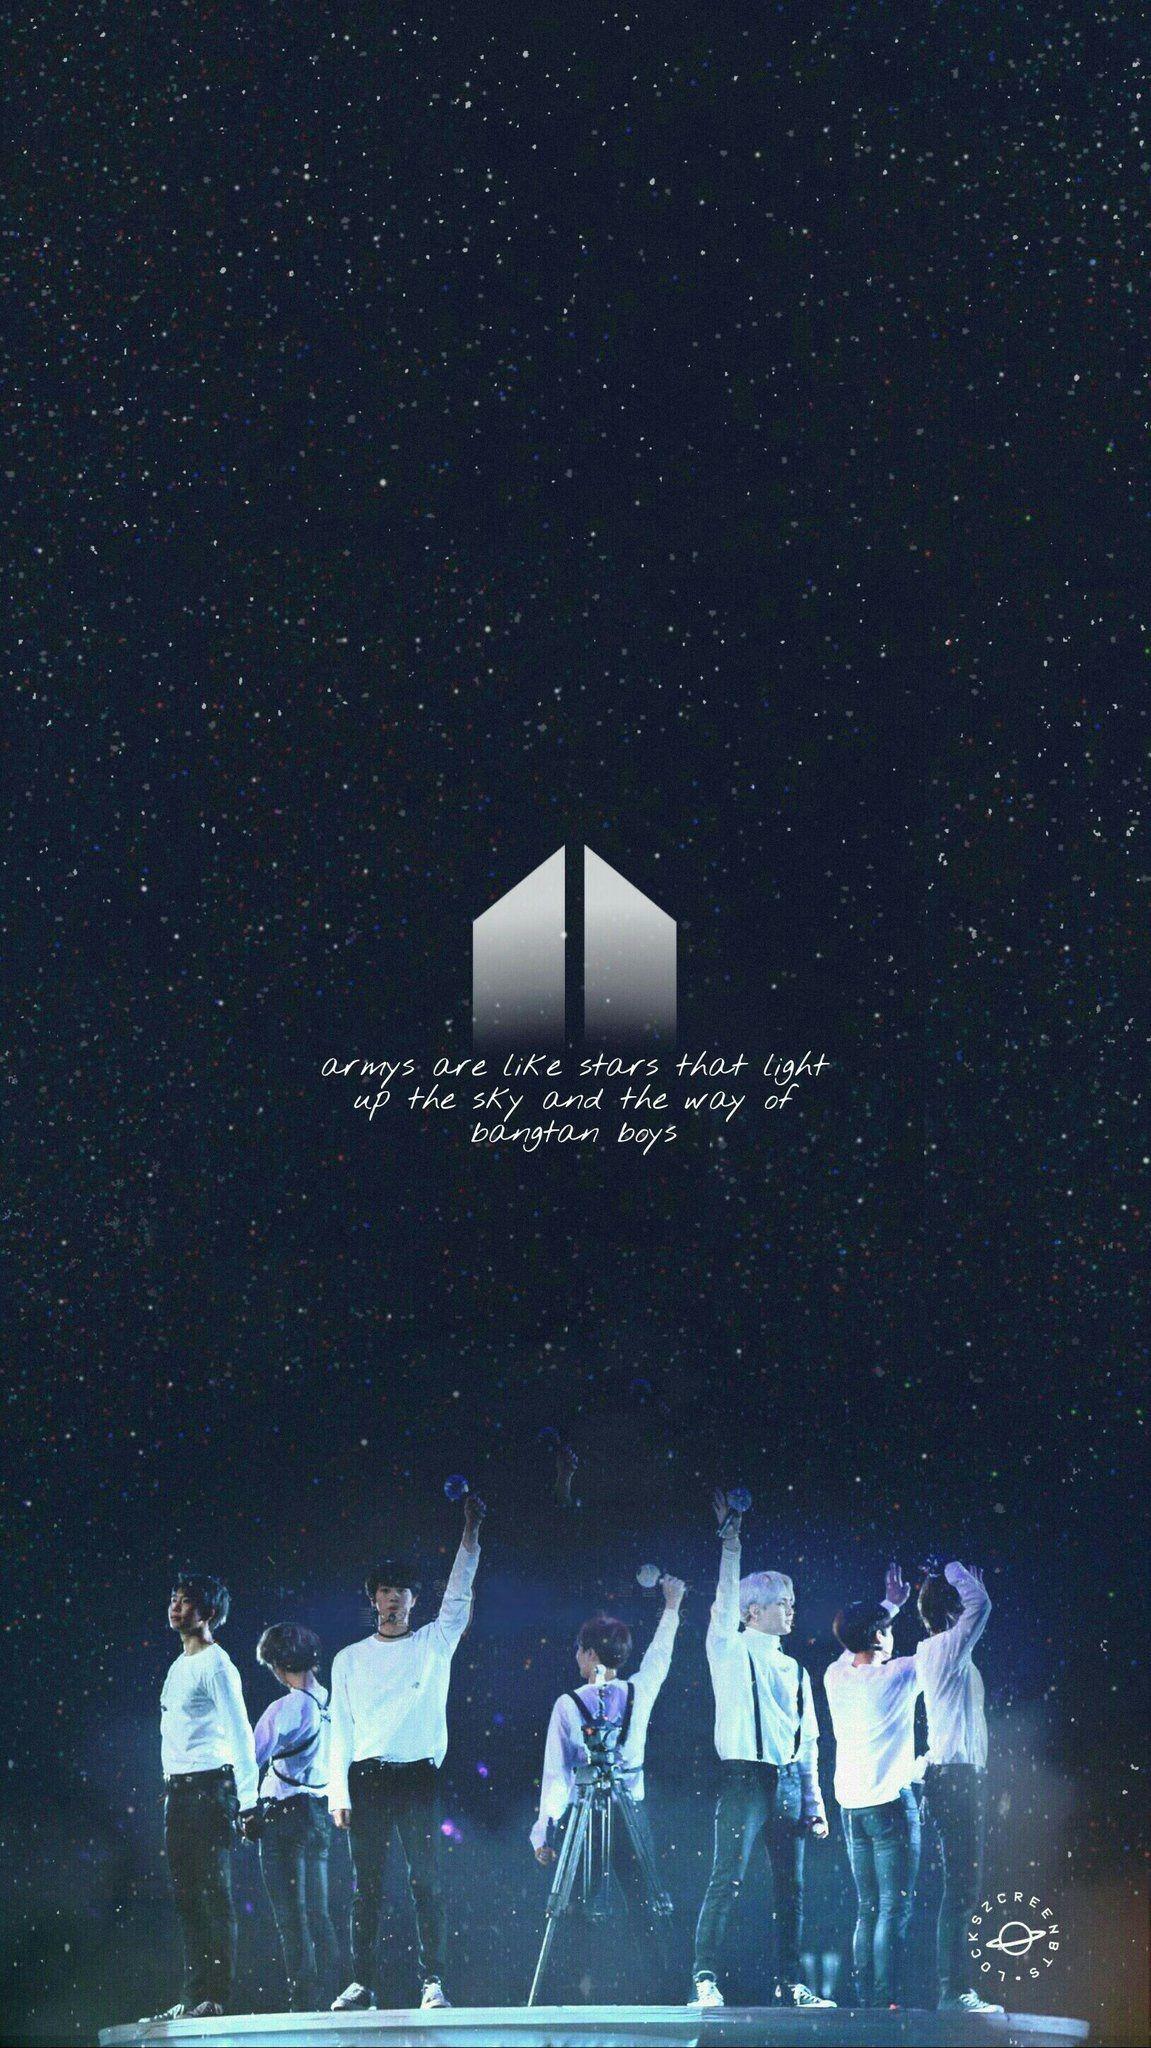 ˏˋ ˎˊ Bts Concert Bts Quotes Bts Wallpaper Bts wallpaper hd concert